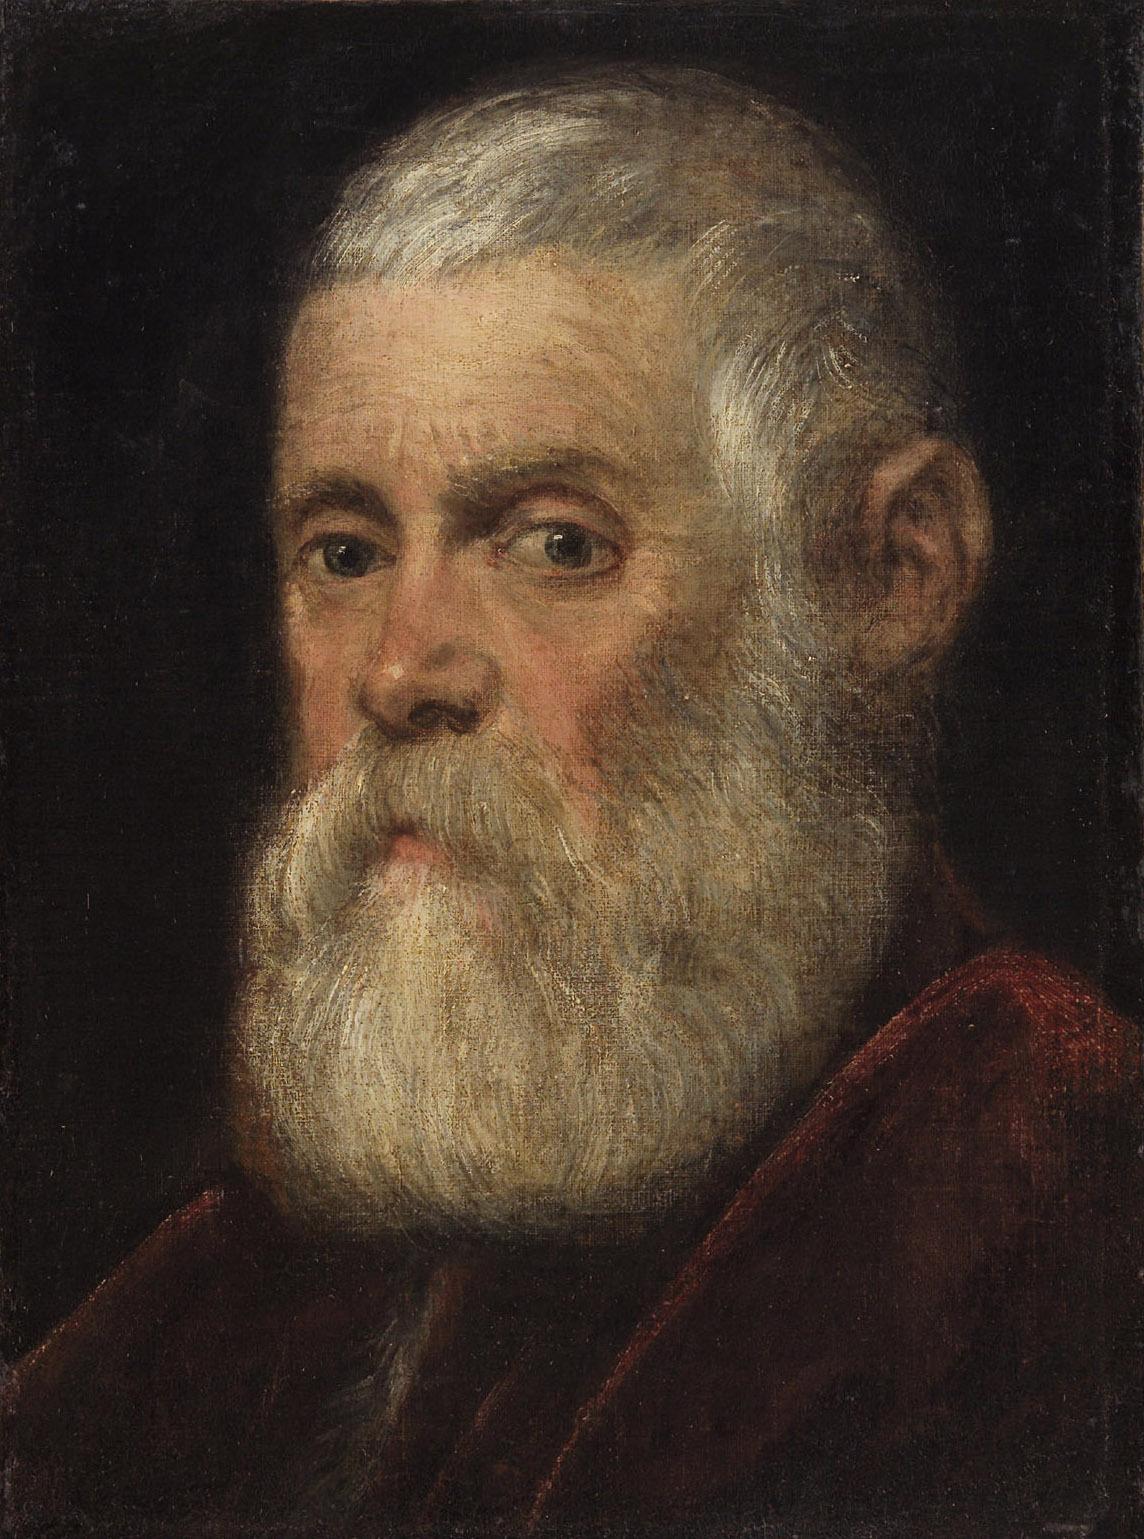 Bildnis eines weißbärtigen Prokurators von Jacopo Robusti, gen. Tintoretto